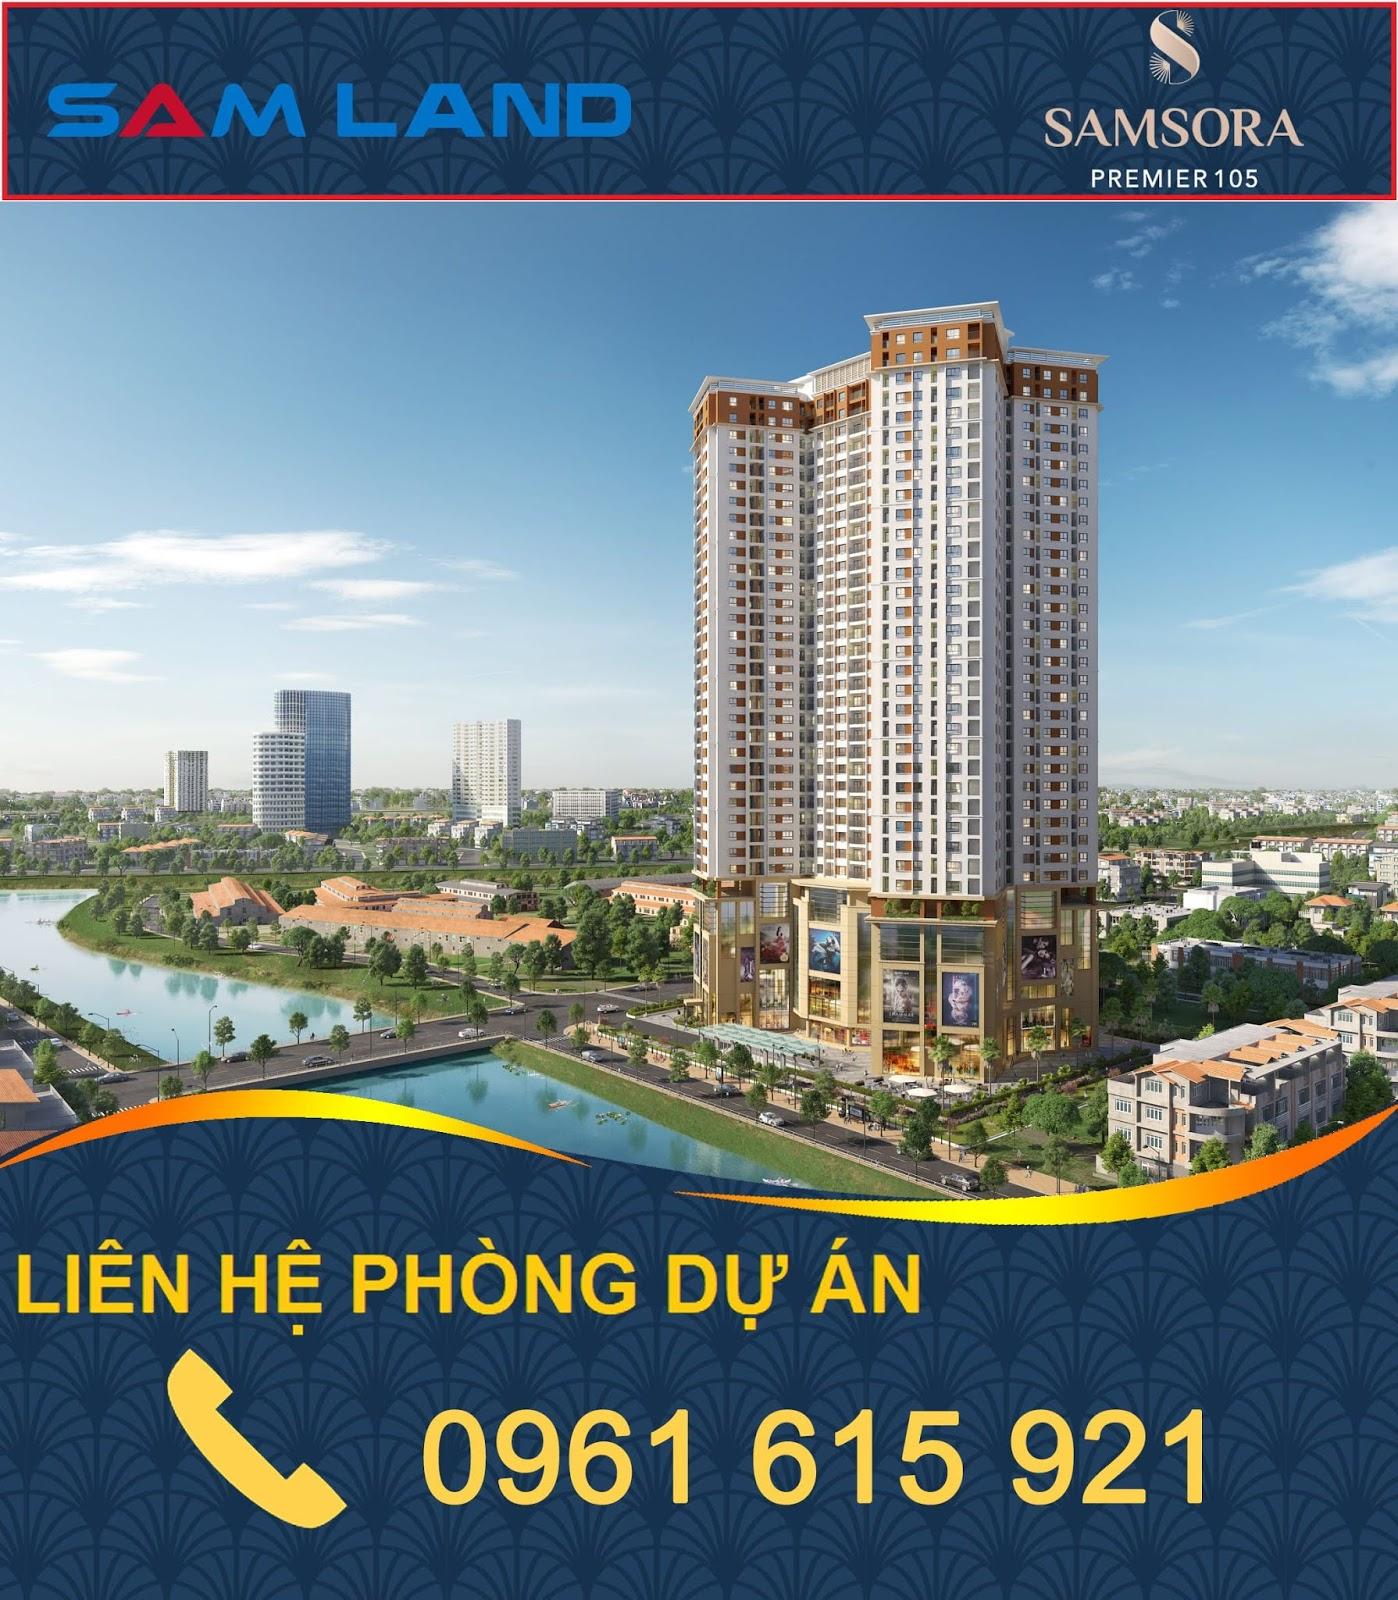 Hotline Samsora Premier